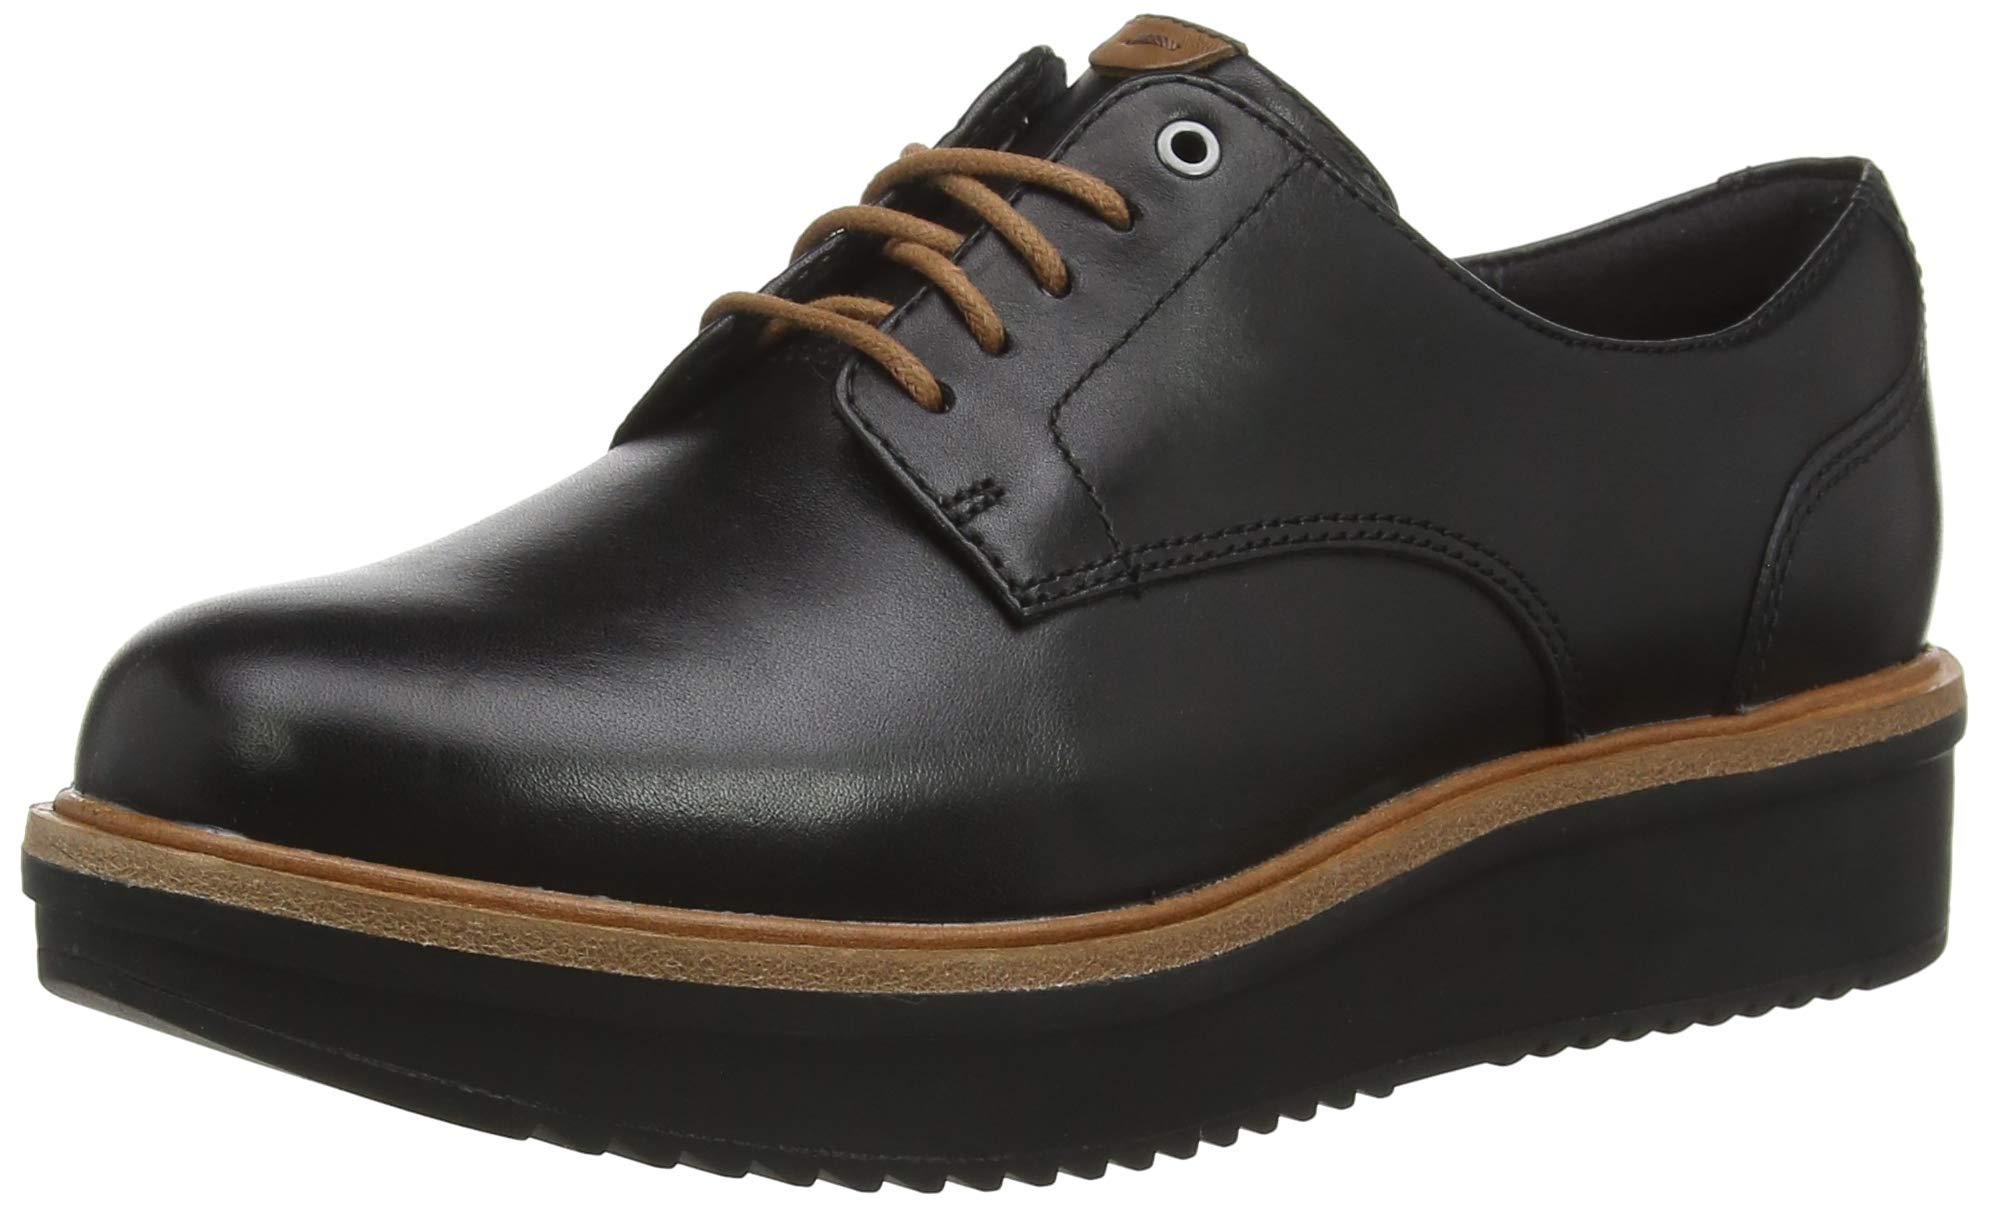 d81349923 Mejor valorados en Zapatos de cordones para mujer   Opiniones útiles ...